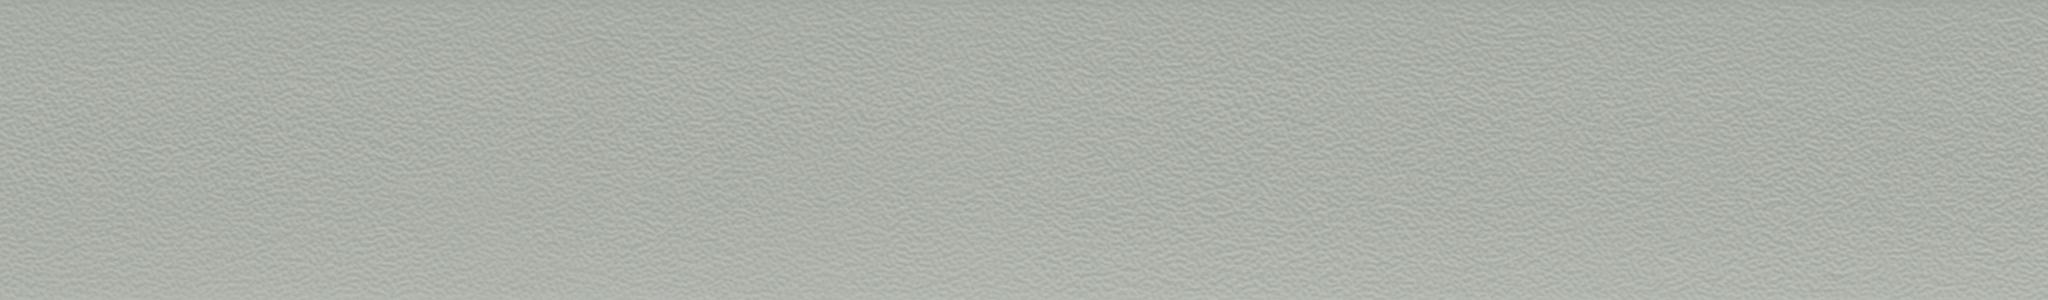 HU 170747 ABS hrana šedá perla 101